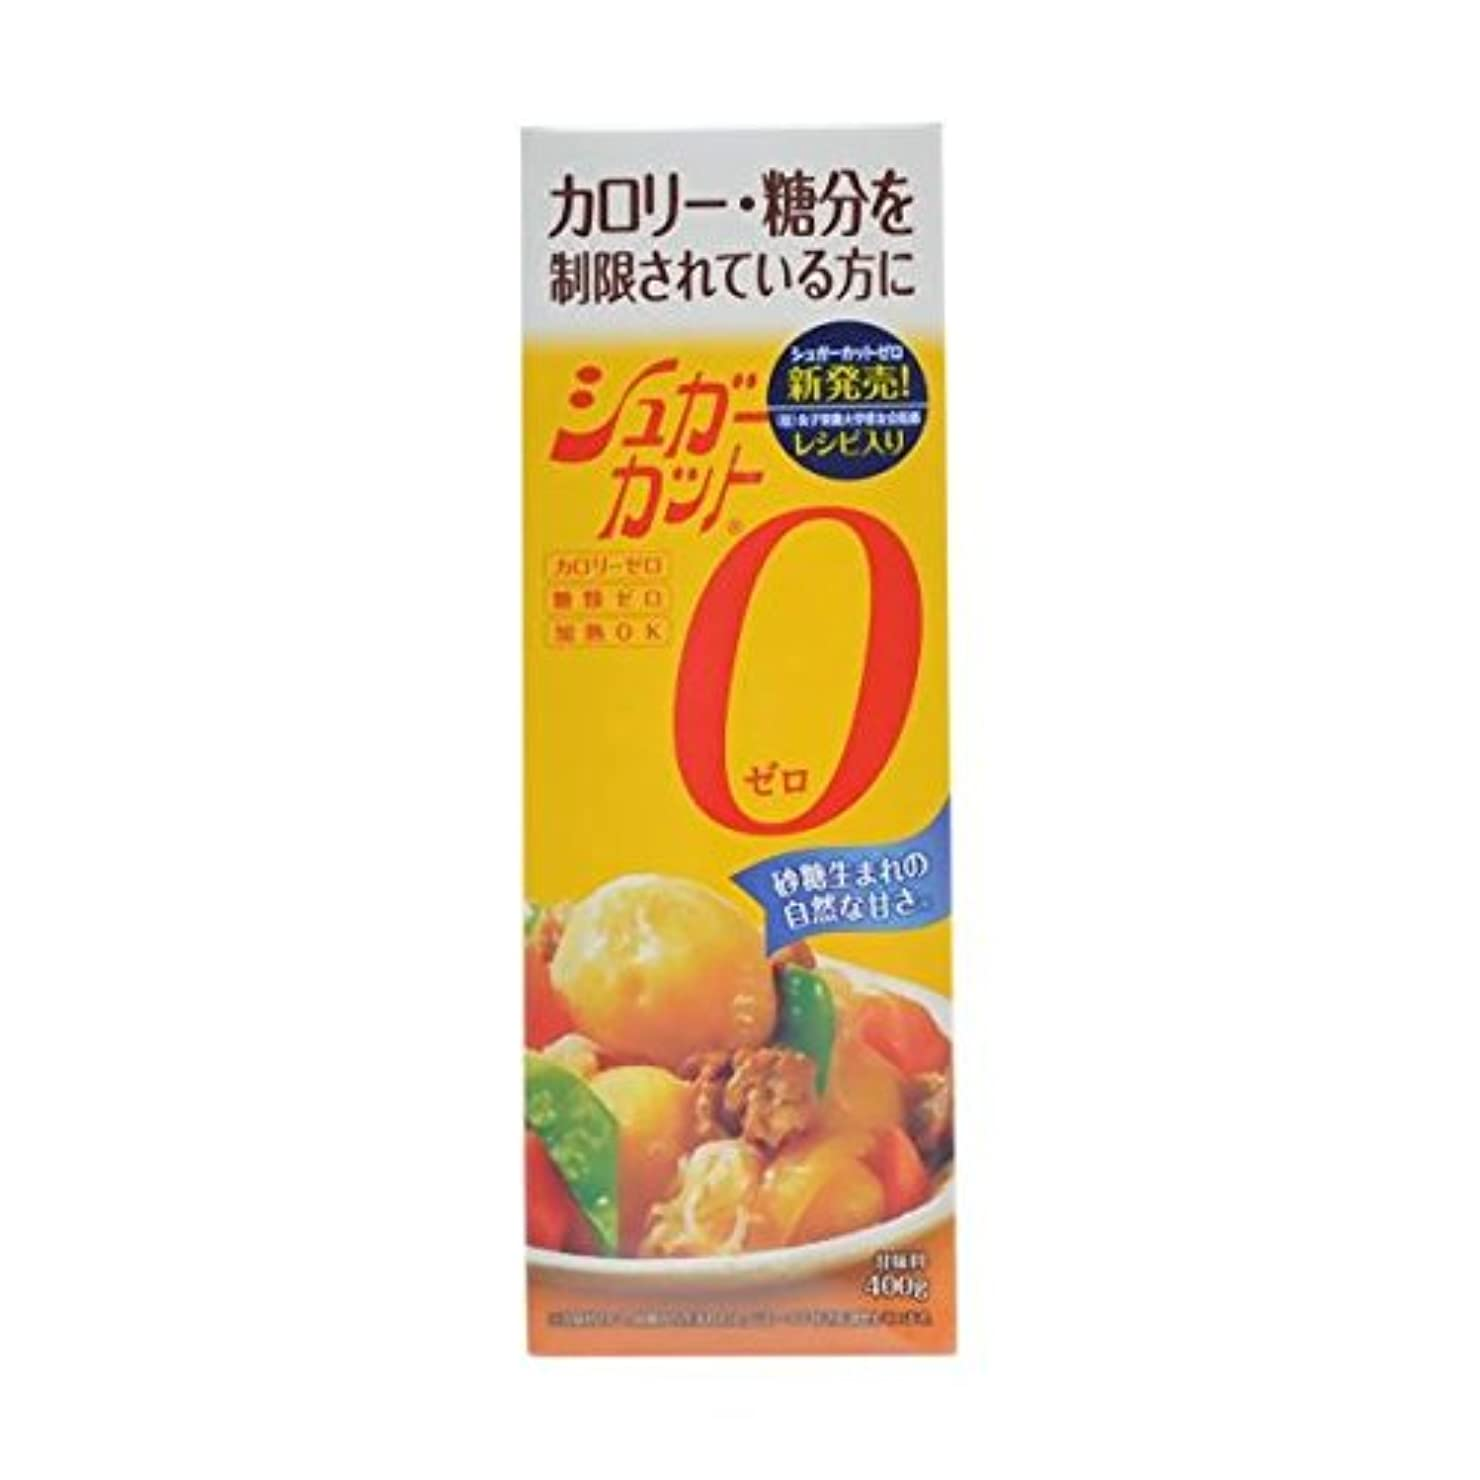 全体アジア人アセ浅田飴 シュガーカットゼロ 400g【2個セット】